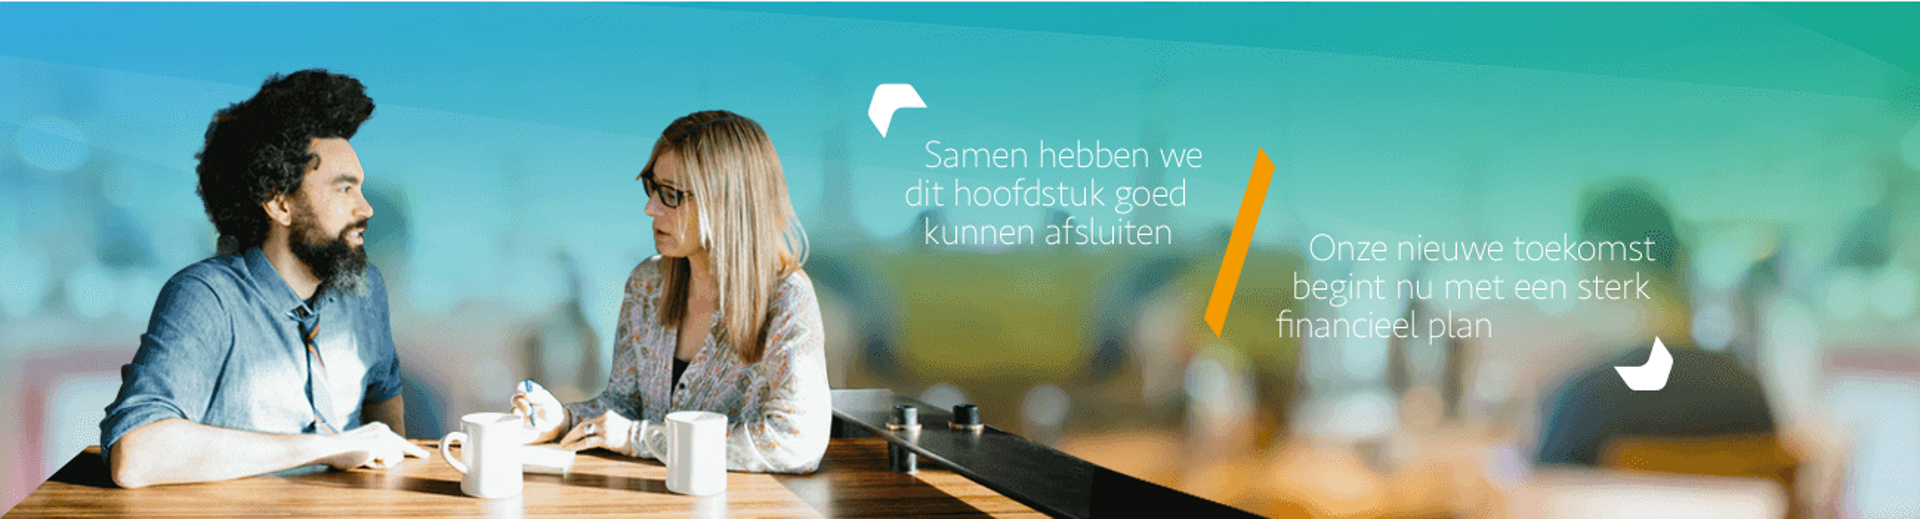 Uw scheiding goed geregeld - Scheidingsplanner Hilversum - Bilthoven - Soest - Het Gooi